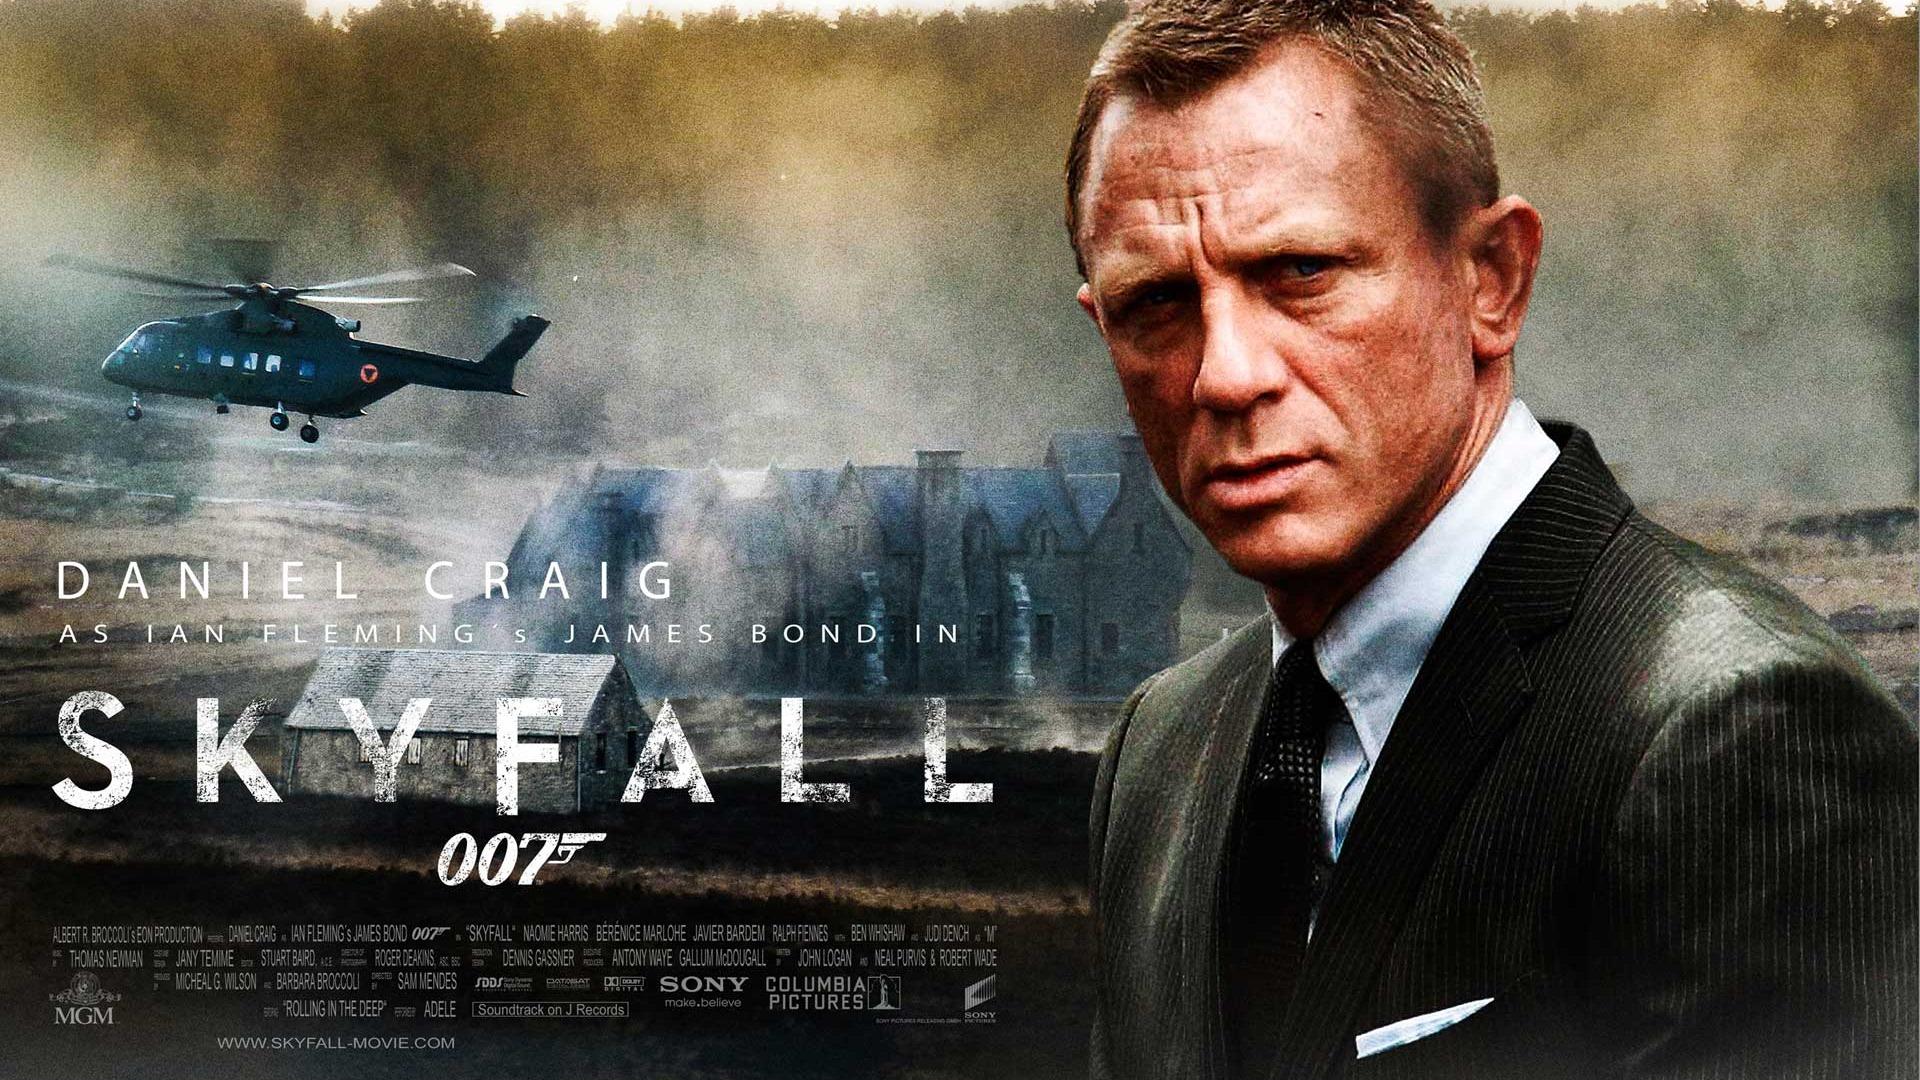 007 skyfall fonds d -#main